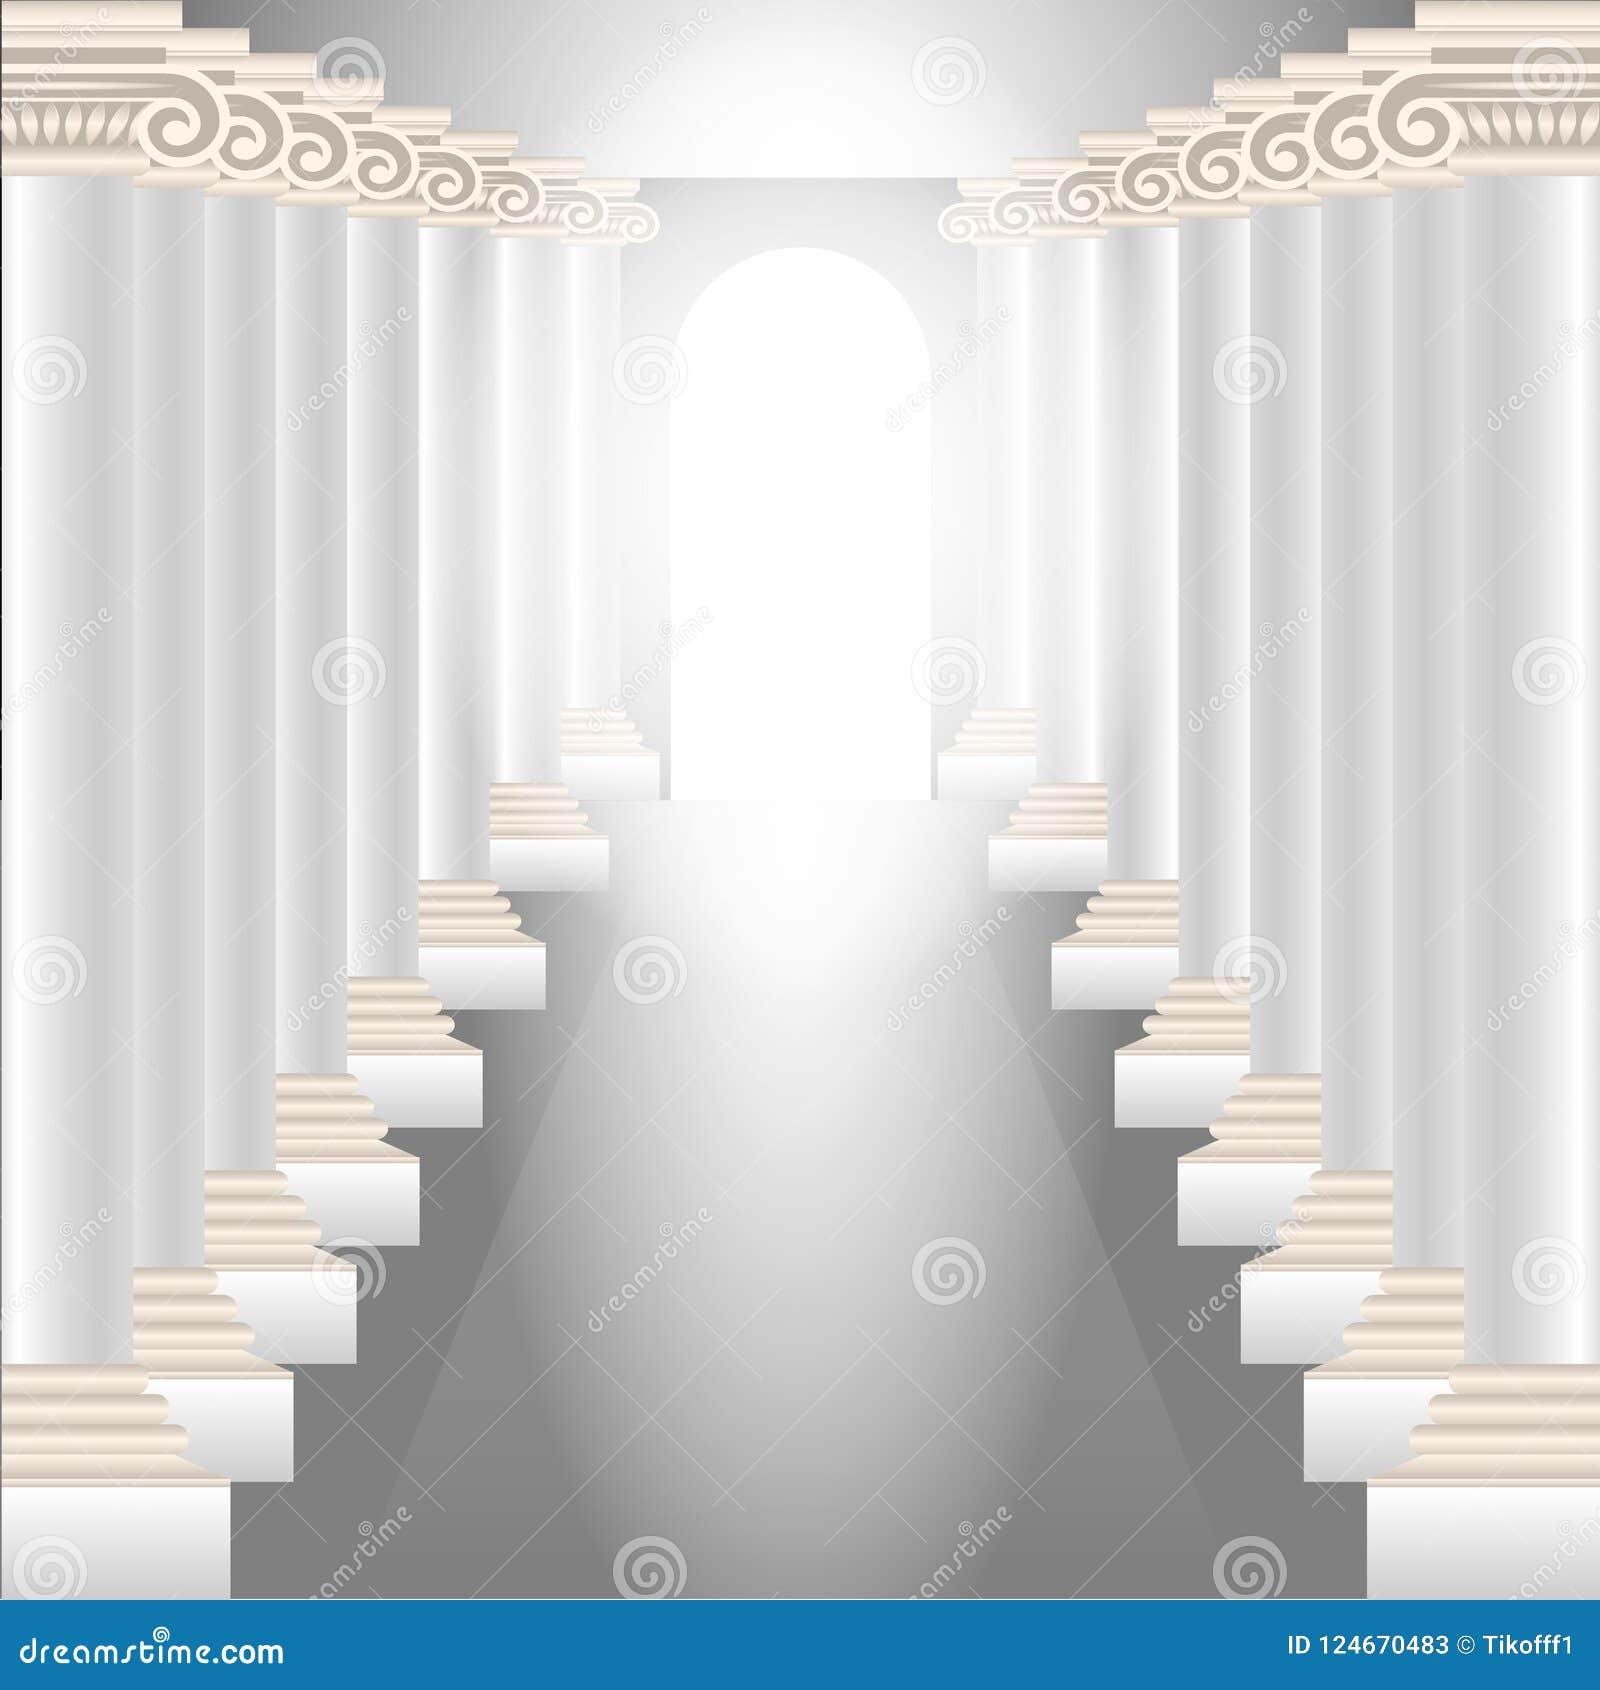 Spaltenhalle Herrlicher Korridor mit Spalten und einem glühenden himmlischen Licht am Ende